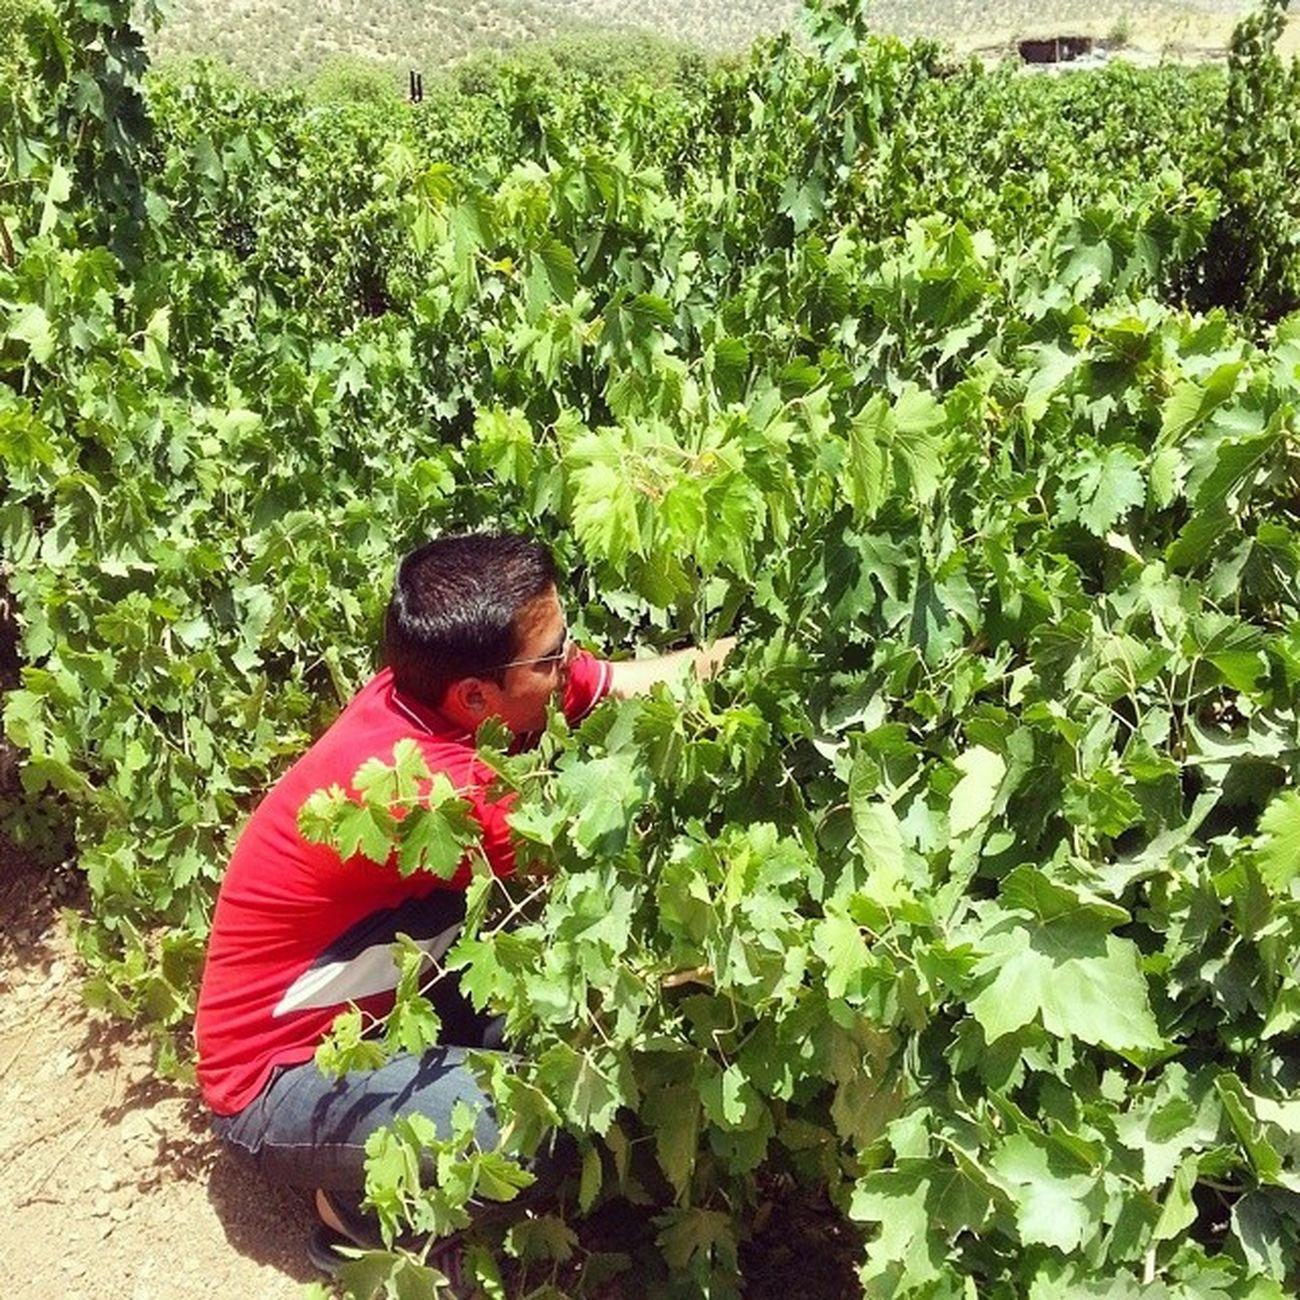 در حال چیدن انگور شیرین تو باغ 😃 مشغول دزدکی خوردن بودیم که صاحبش داد زد و ما هم فرار لردگان یاسوج پ.ن: چادرشون اون بالا عکس معلومه 😄😄